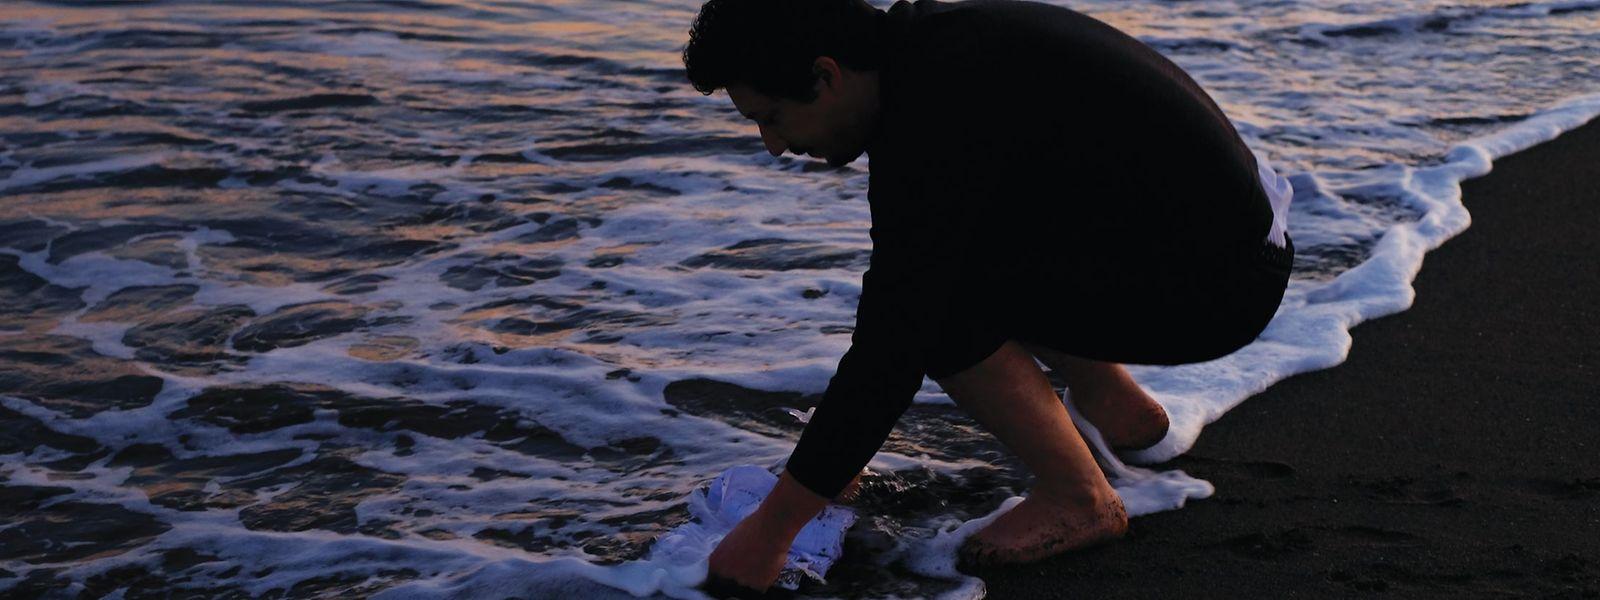 Des carnets de notes plongés dans la mer: une nouvelle forme d'écriture.⋌(Photo: Fábio Godinho)